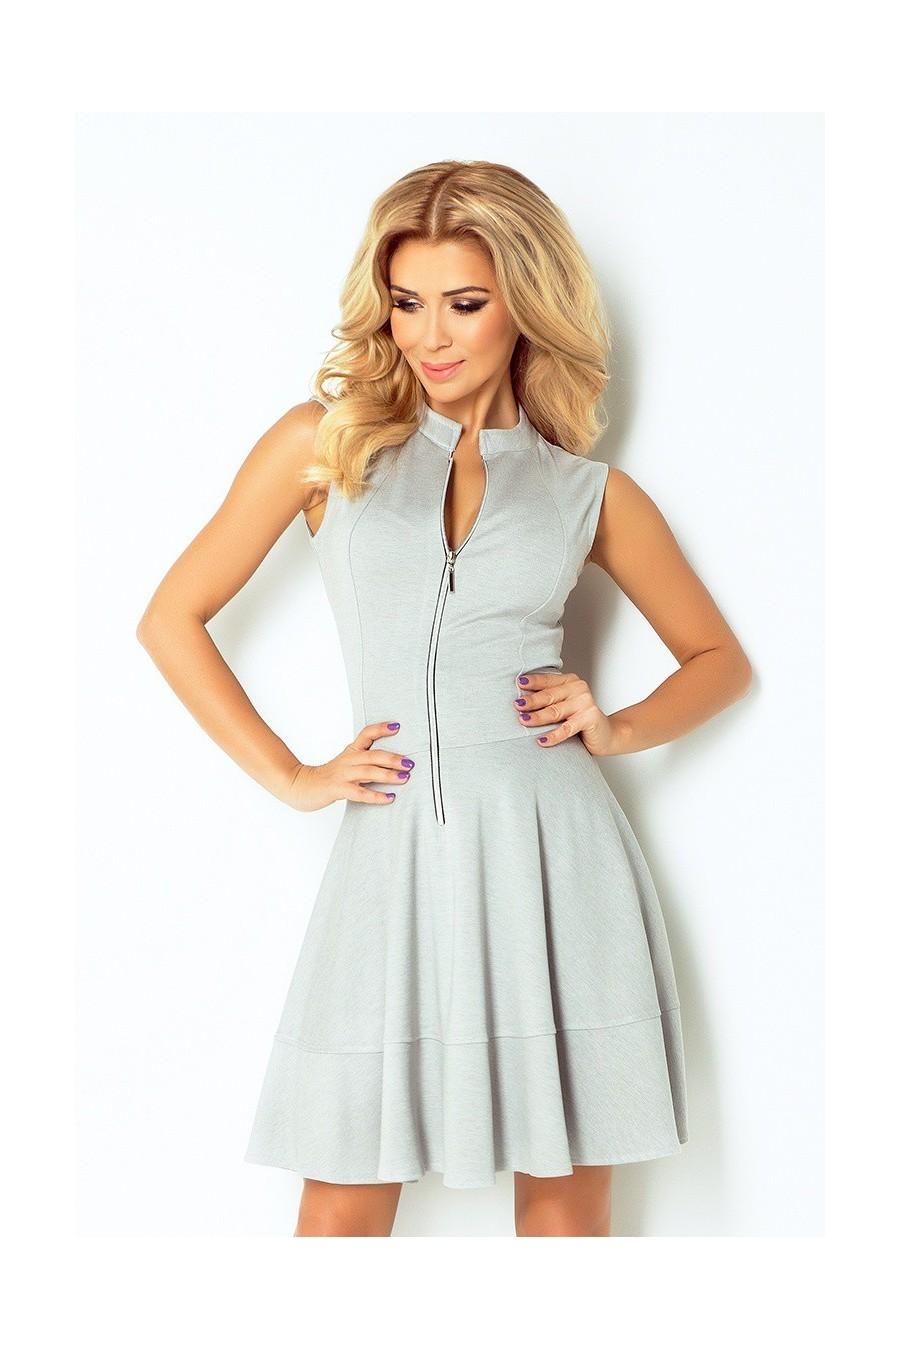 610a0bfb7f02 Dámske šaty na zips 2531 - Spoločenské šaty Online